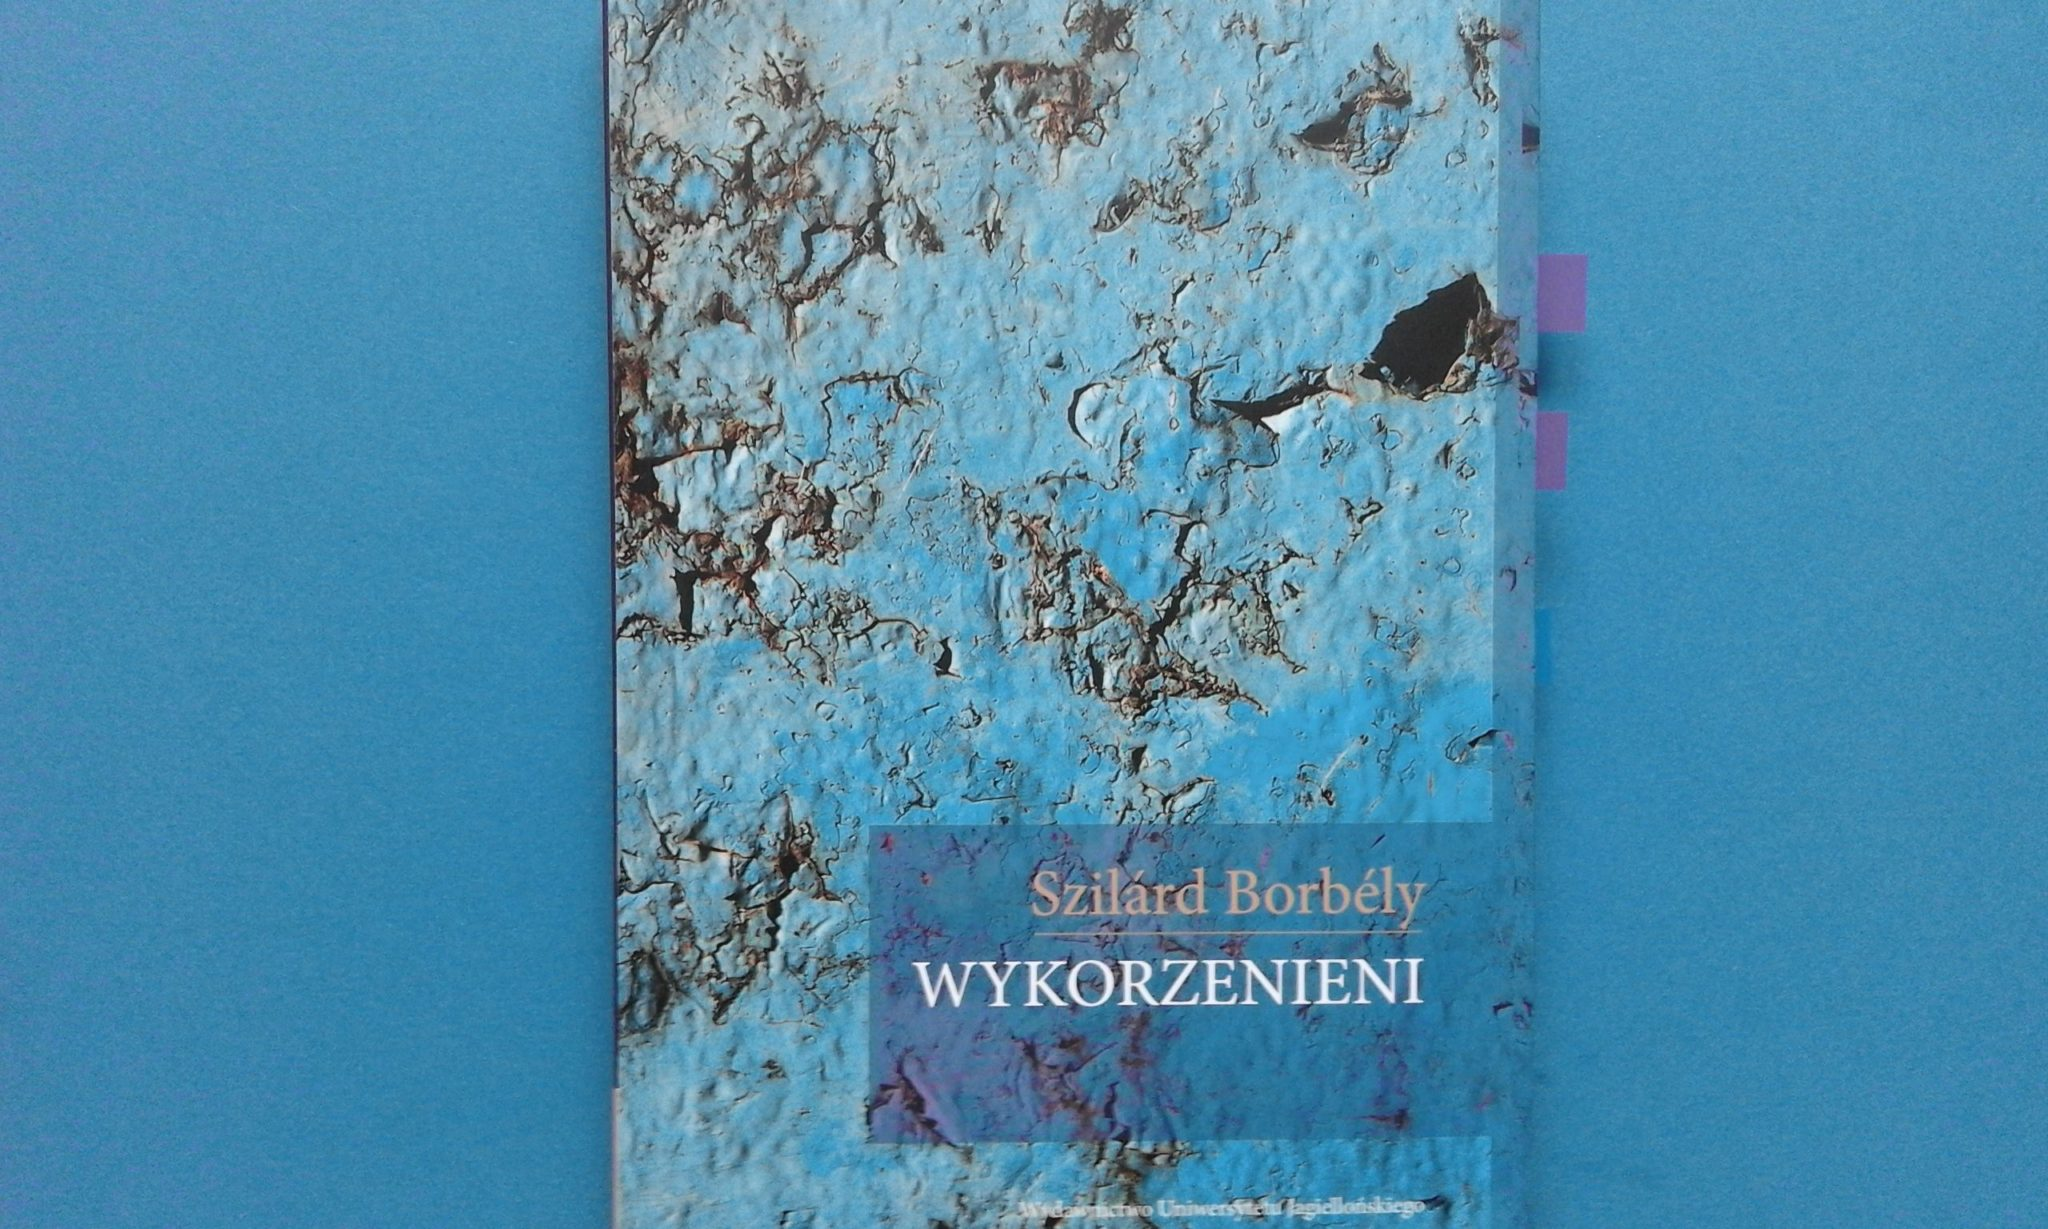 Szilárd Borbély, Wykorzenieni